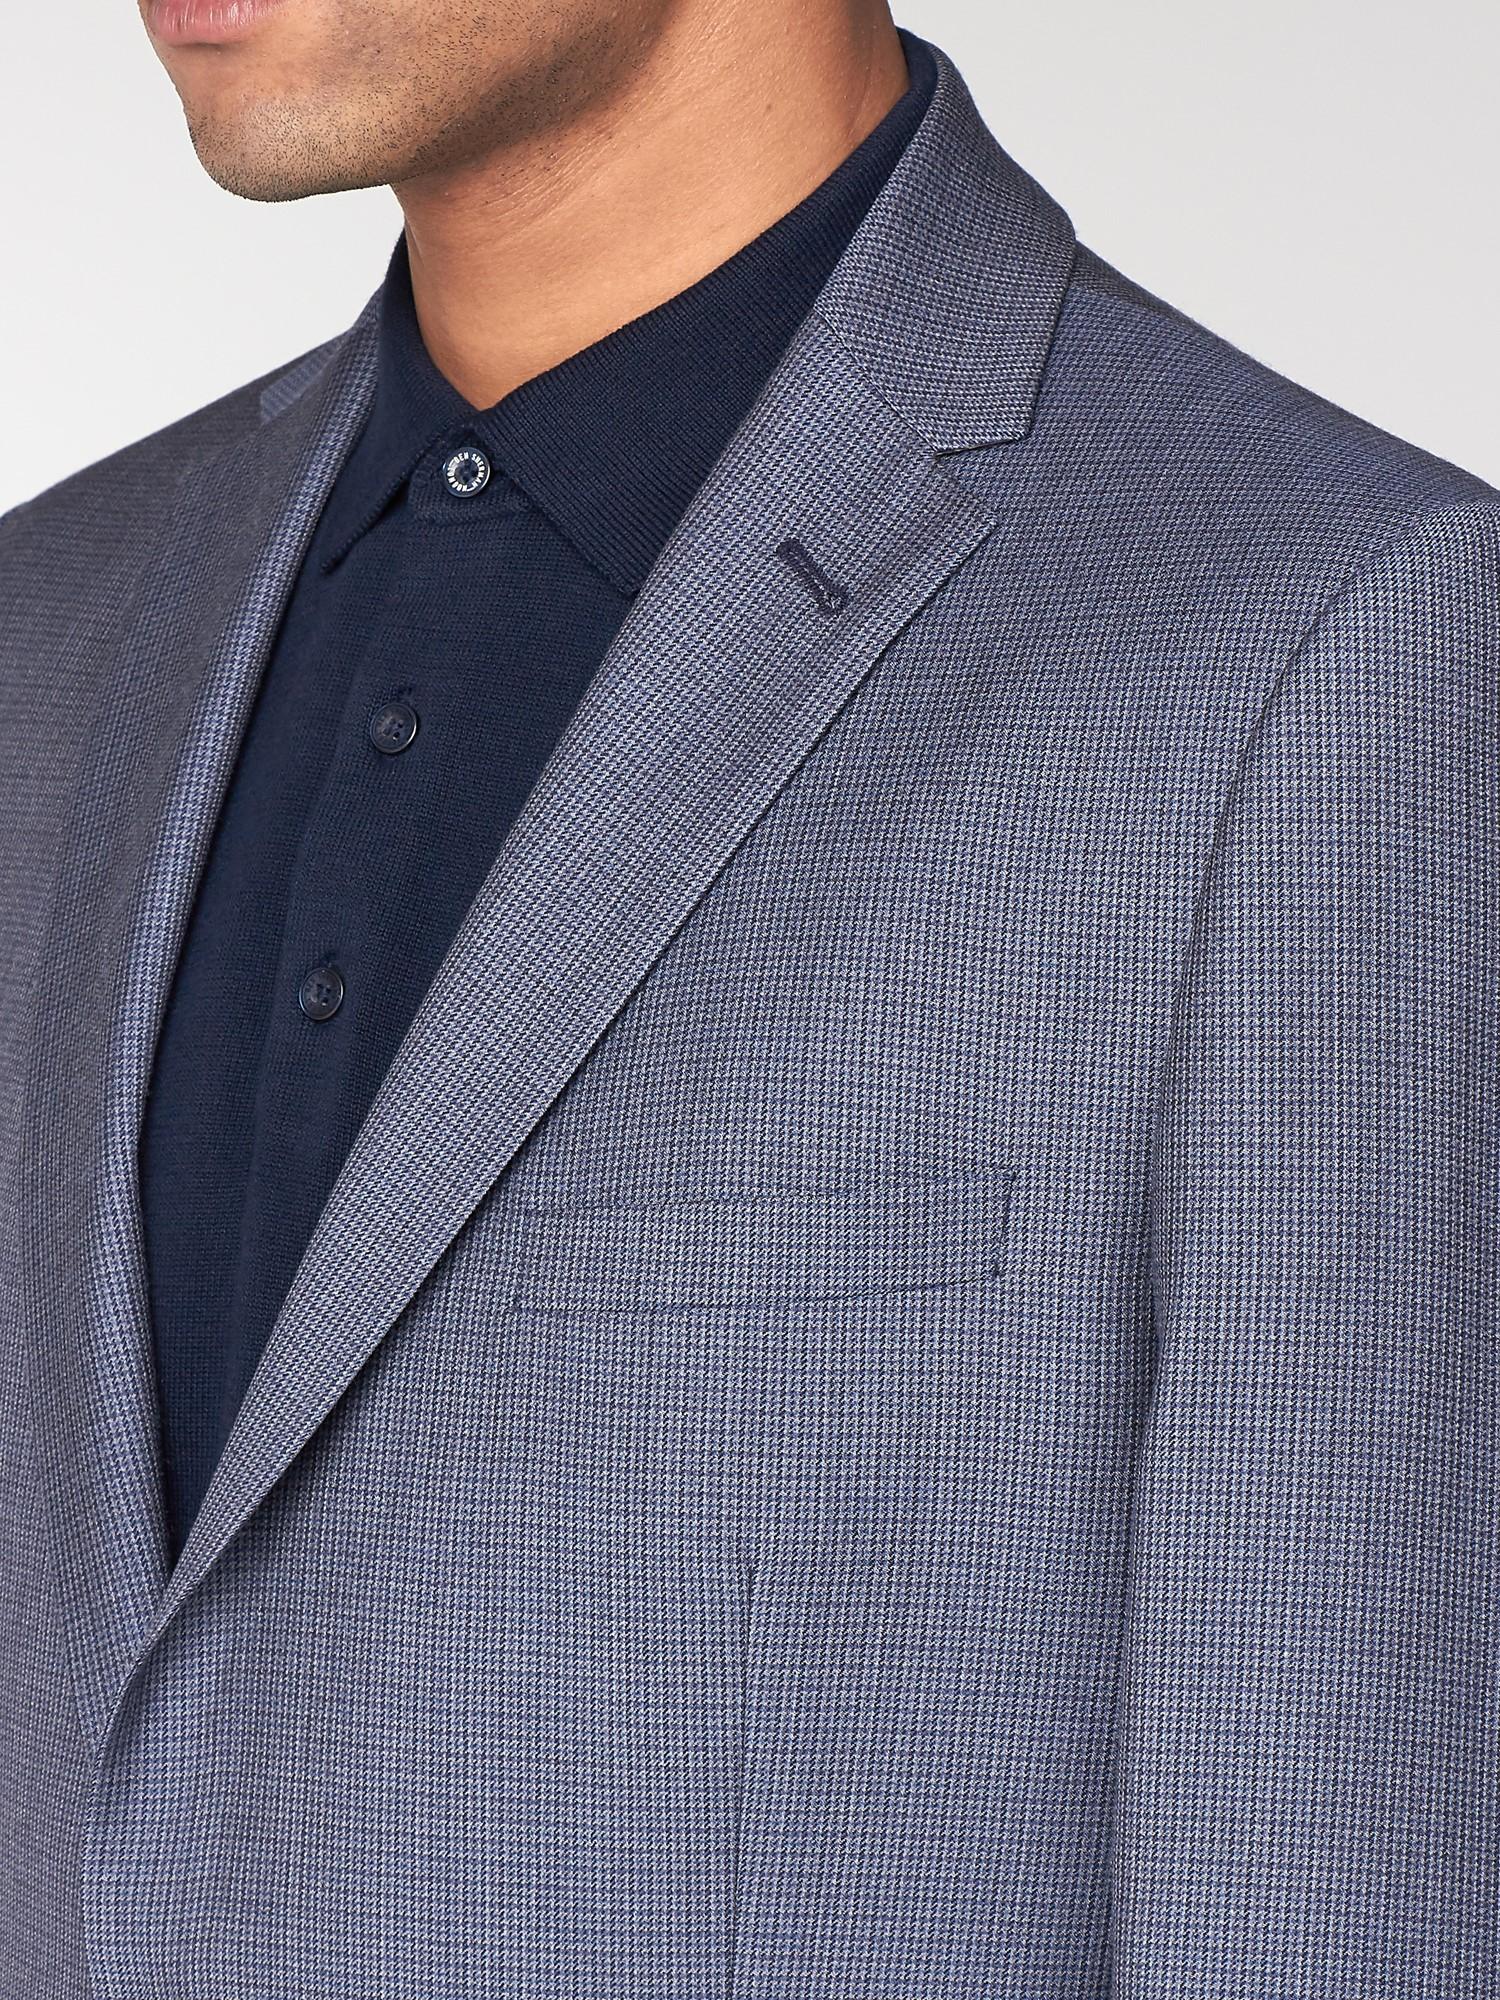 British Blue Micro Gingham Camden Suit